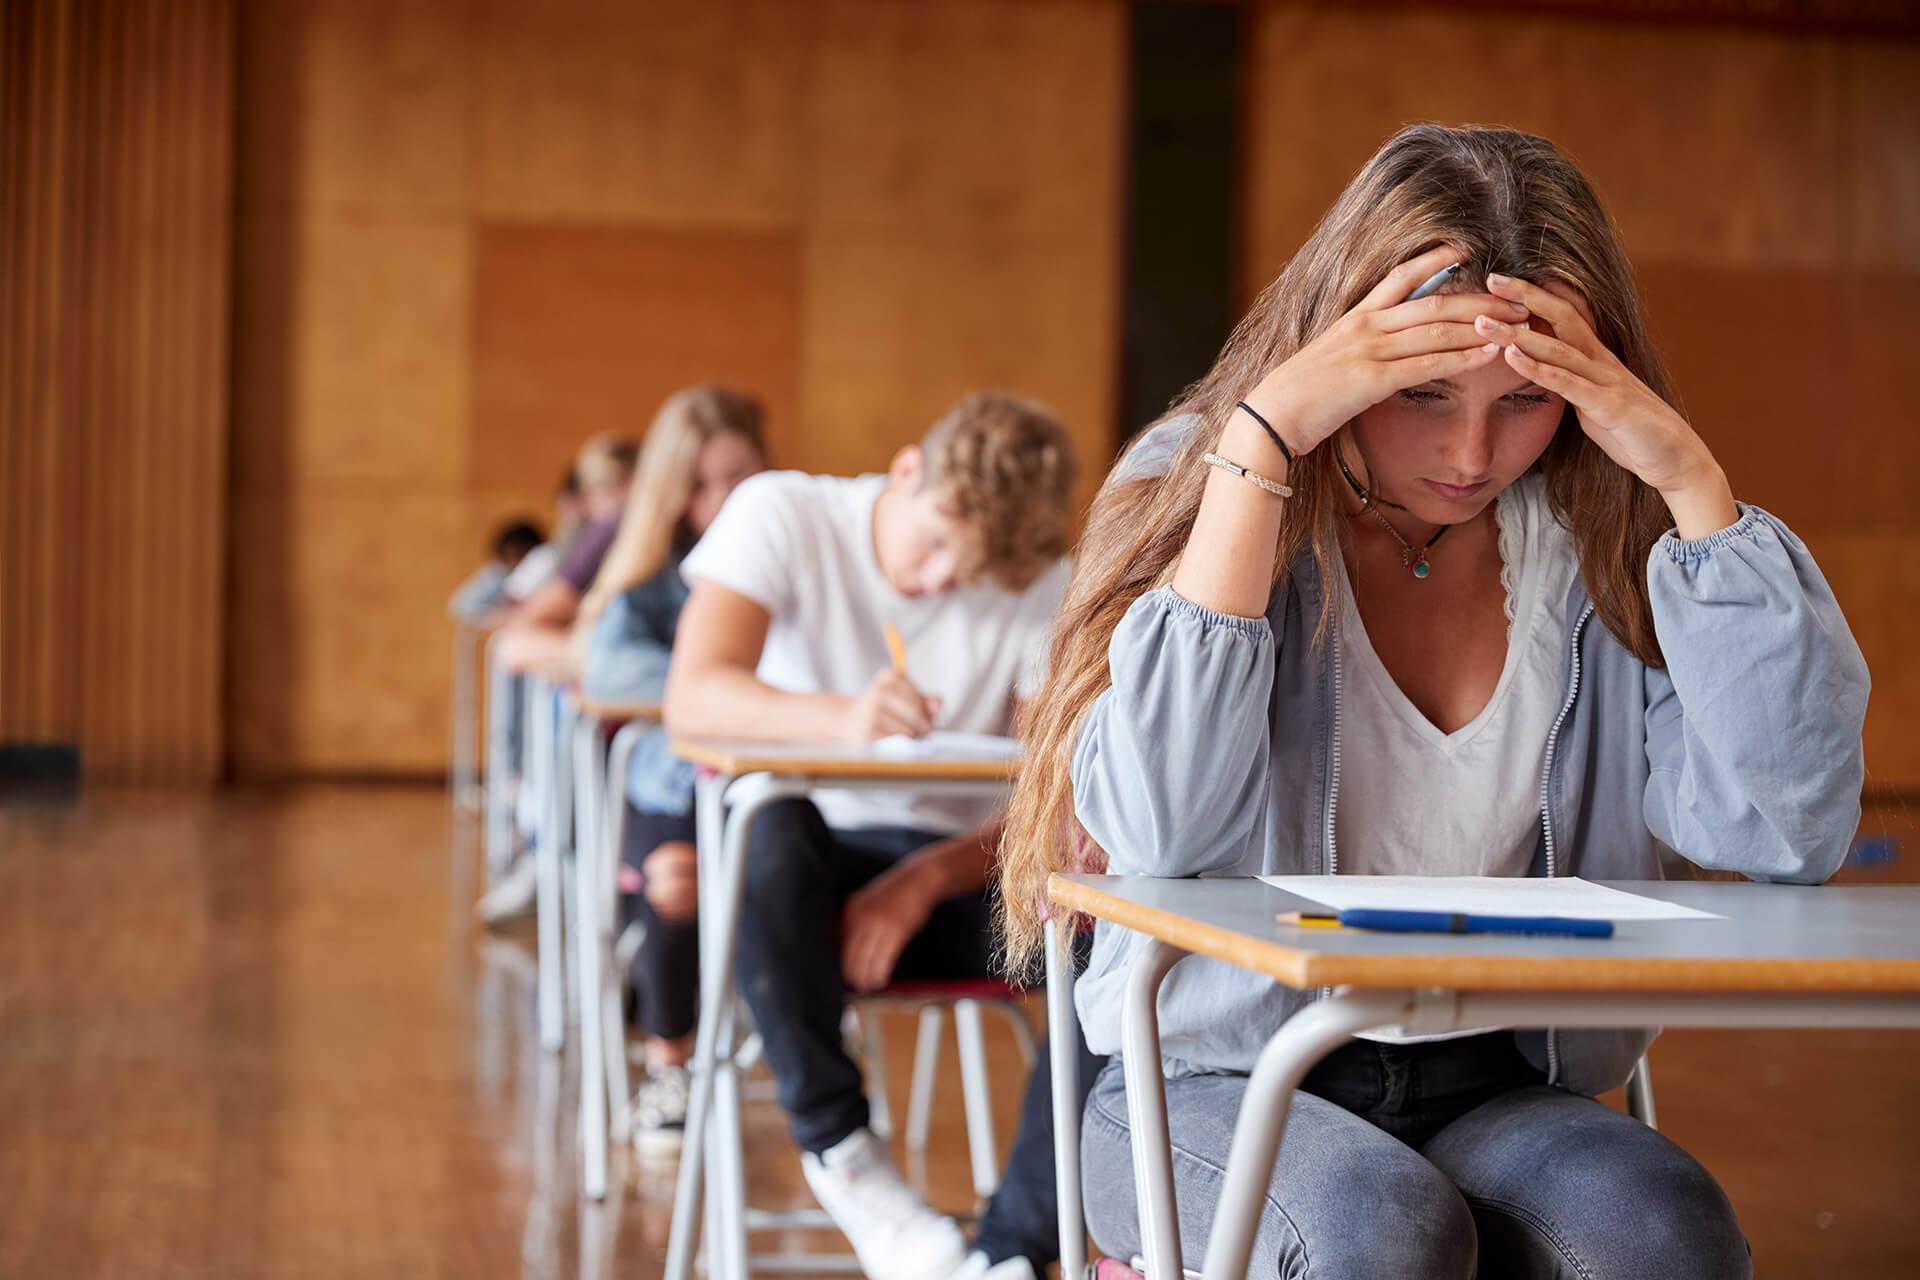 Studenten examen handen in het haar